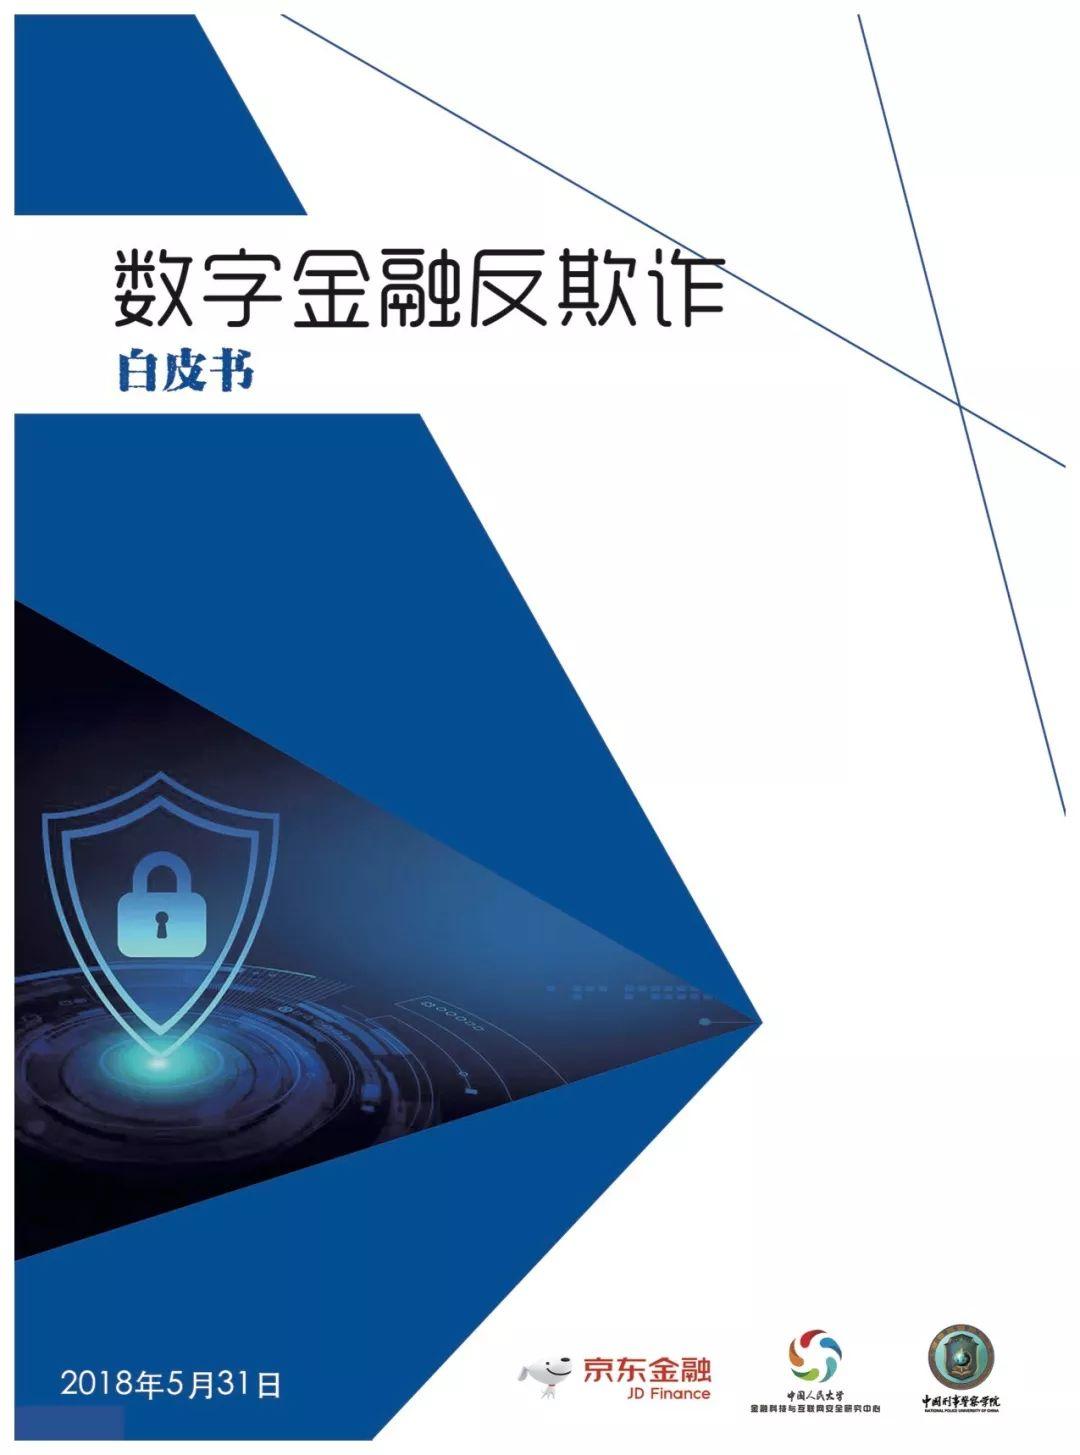 报告下载 | 京东金融:2018数字金融反欺诈白皮书